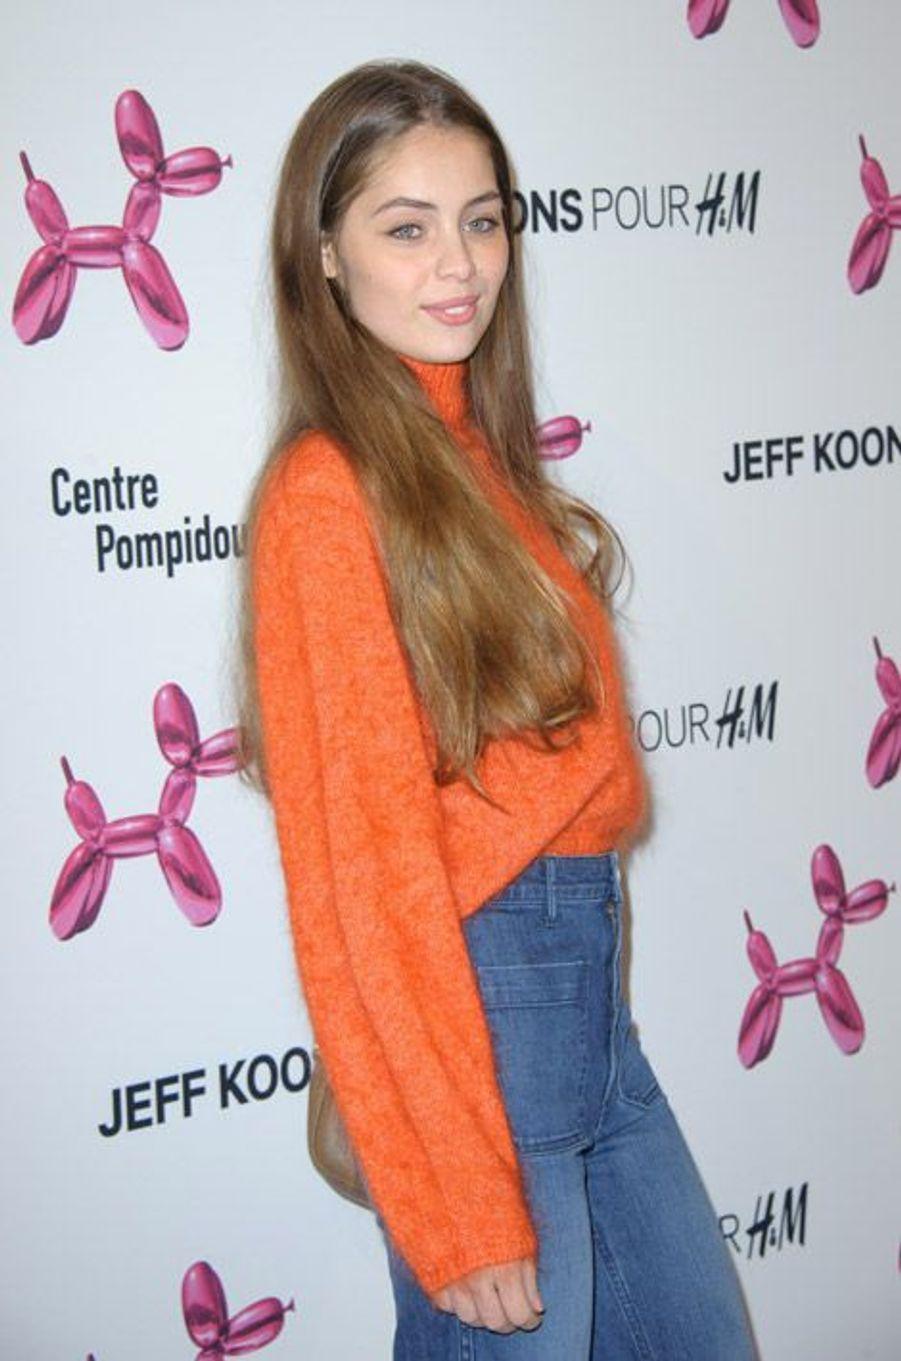 La soeur de Latitia Casta, Marie-Ange, participe à la soirée H&M - Jeff Koons, à Paris, le 9 décembre 2014